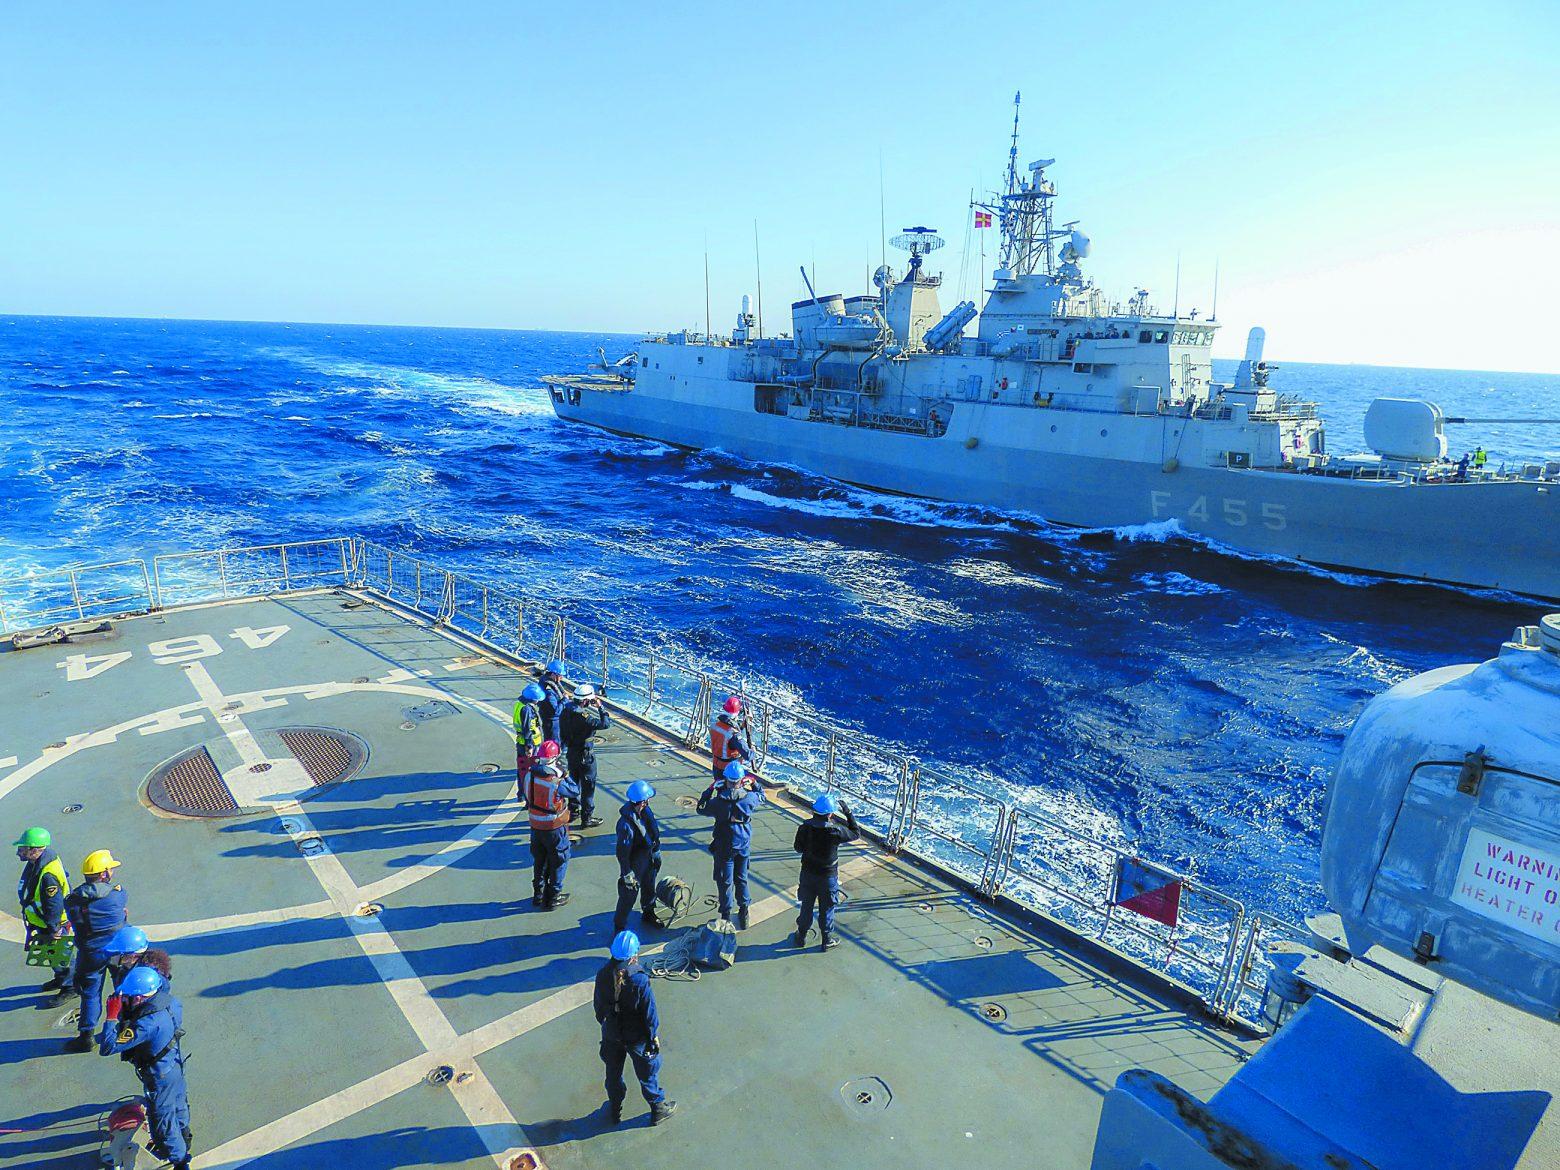 Εκτός ελέγχου η Τουρκία πριν από τις διερευνητικές - Απειλεί με επεισόδιο  στην Ανατολική Μεσόγειο   in.gr